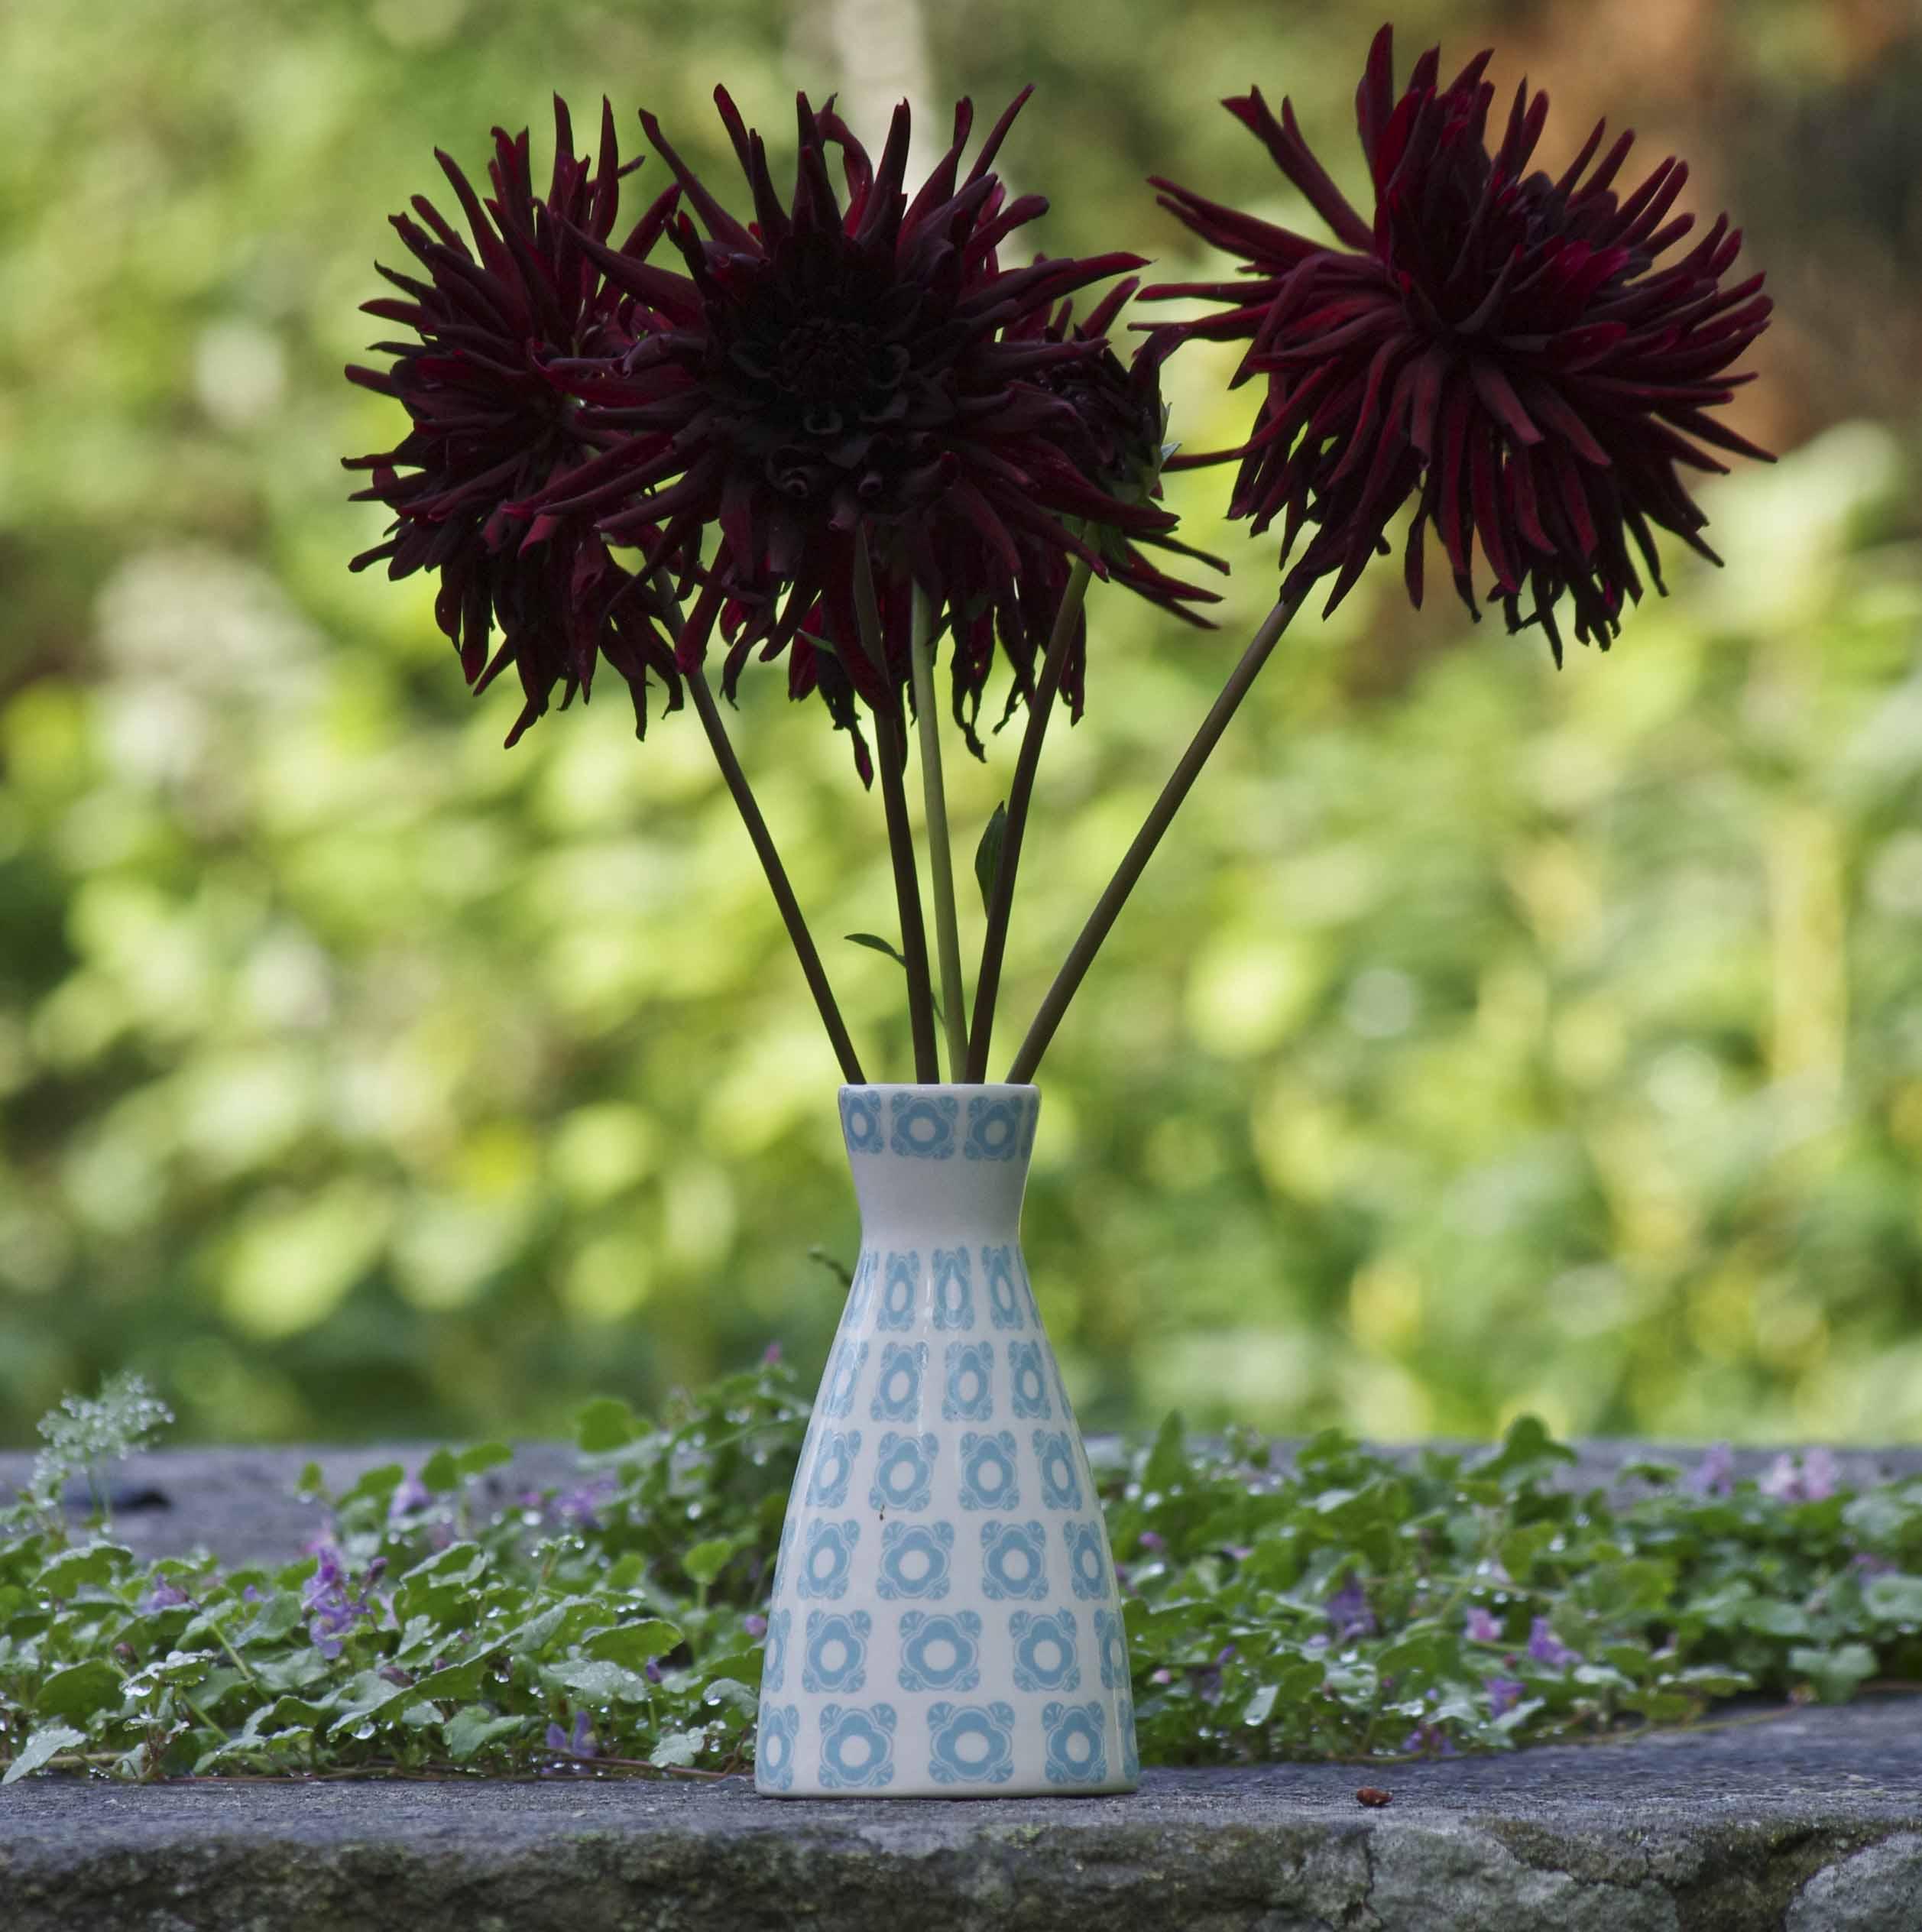 Kaktusgeorginer fra mammaen til Anna. De var superdramatisk satt alene i en liten vase.